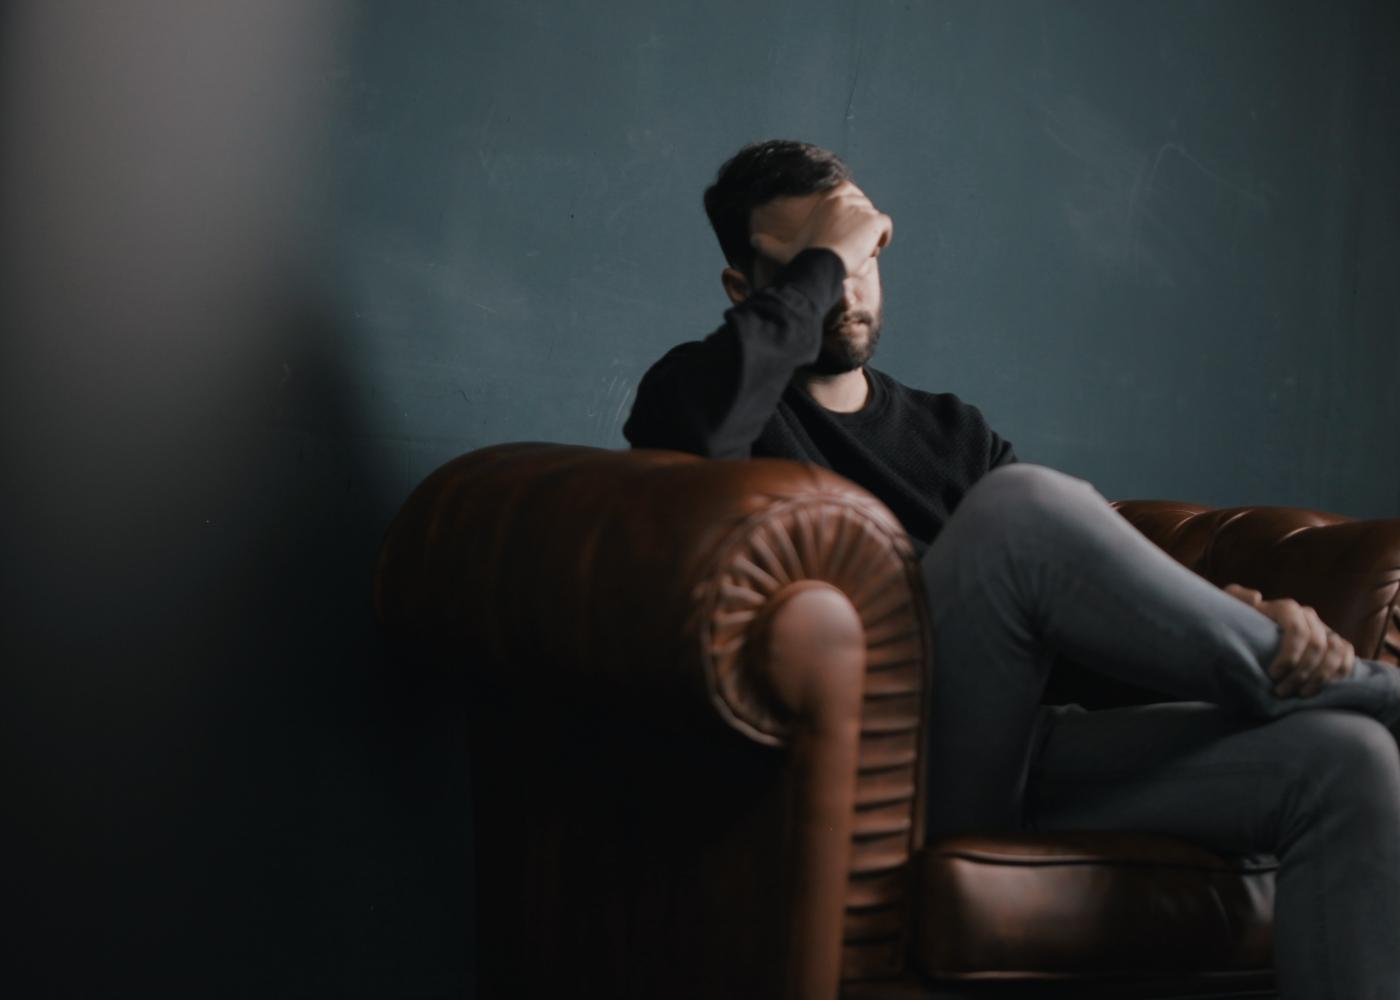 Homem ansioso por estar desempregado